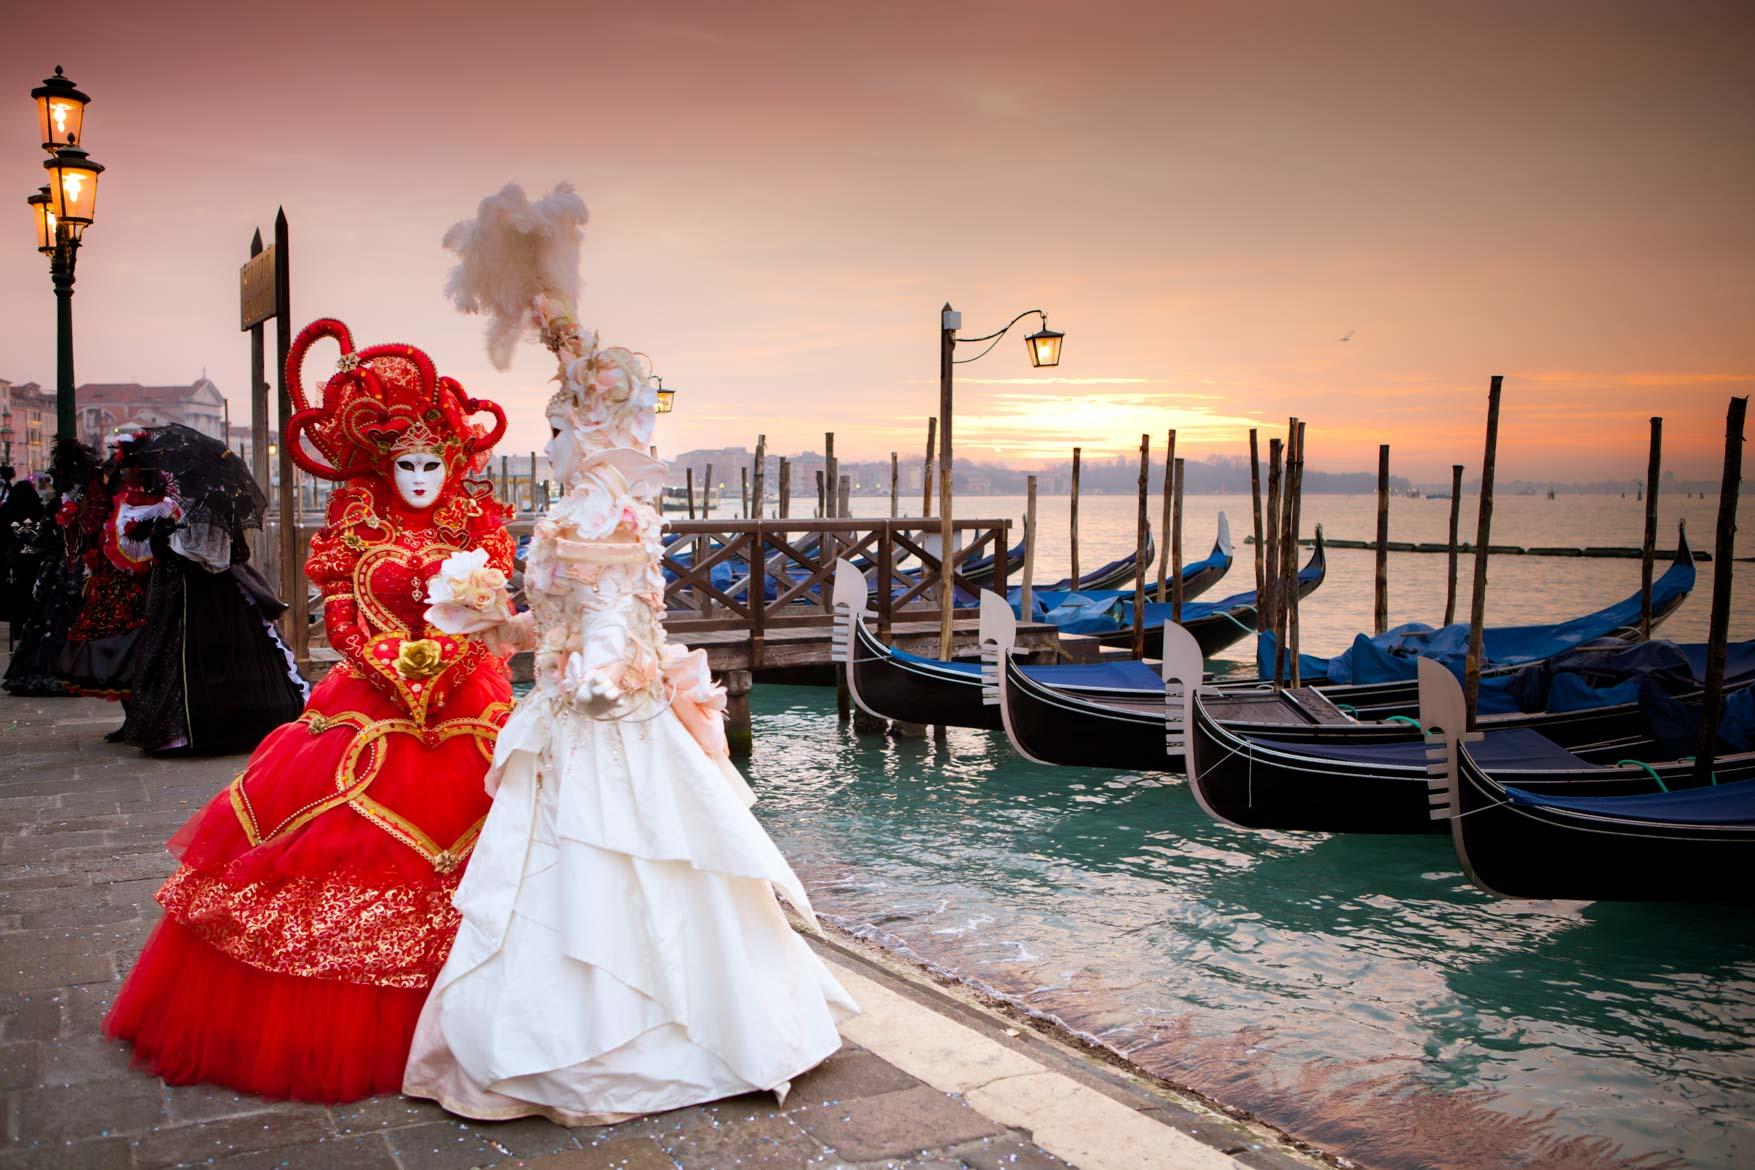 Carnevale Venezia - In viaggio con Monica